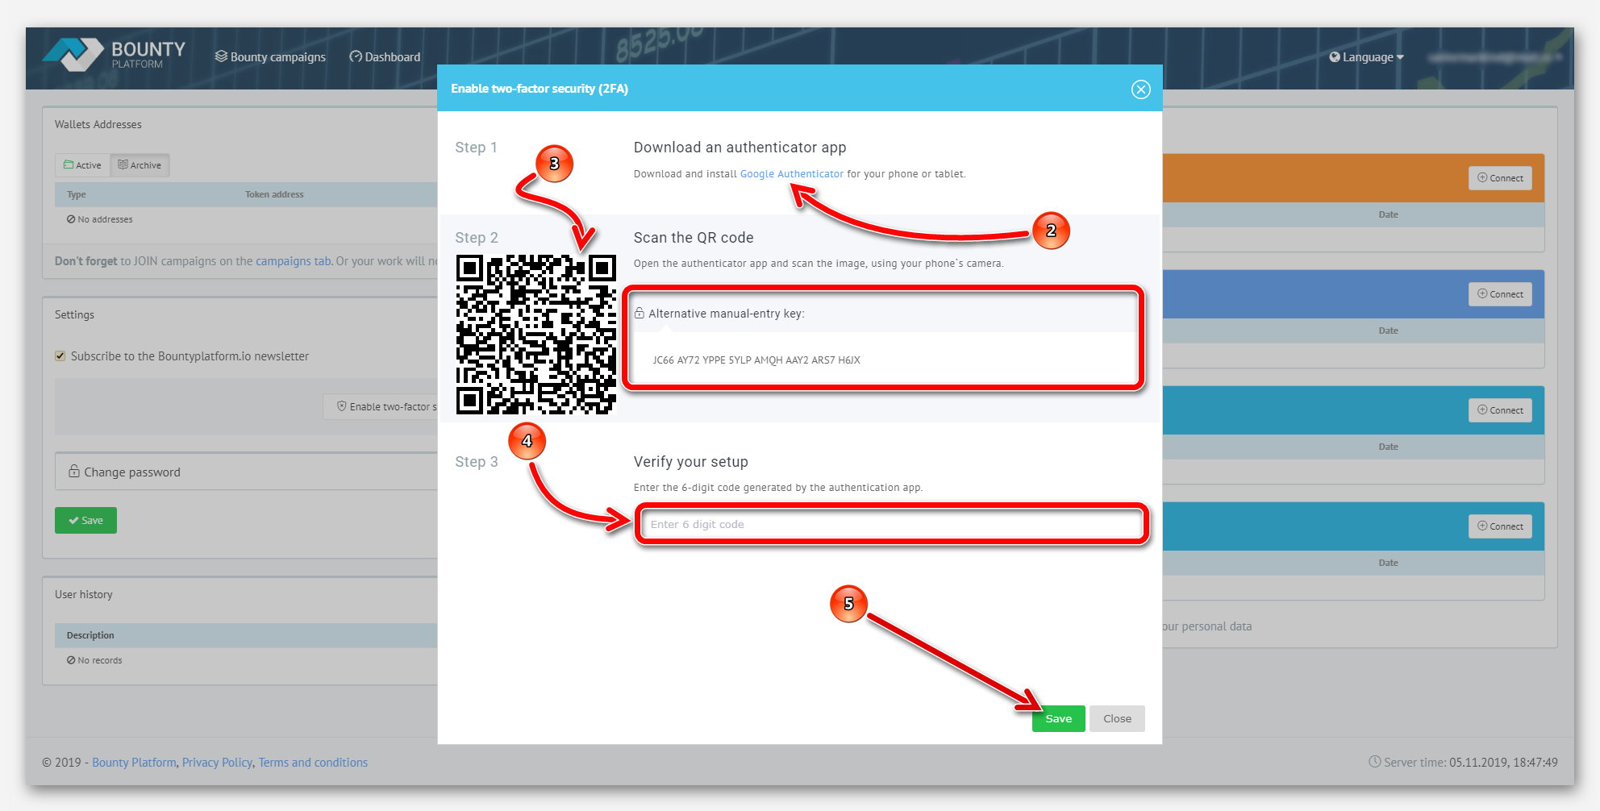 Podklyuchenie 2FA (Dvukhfaktornaya autentifikatsiya) na platforme BountyPlatform